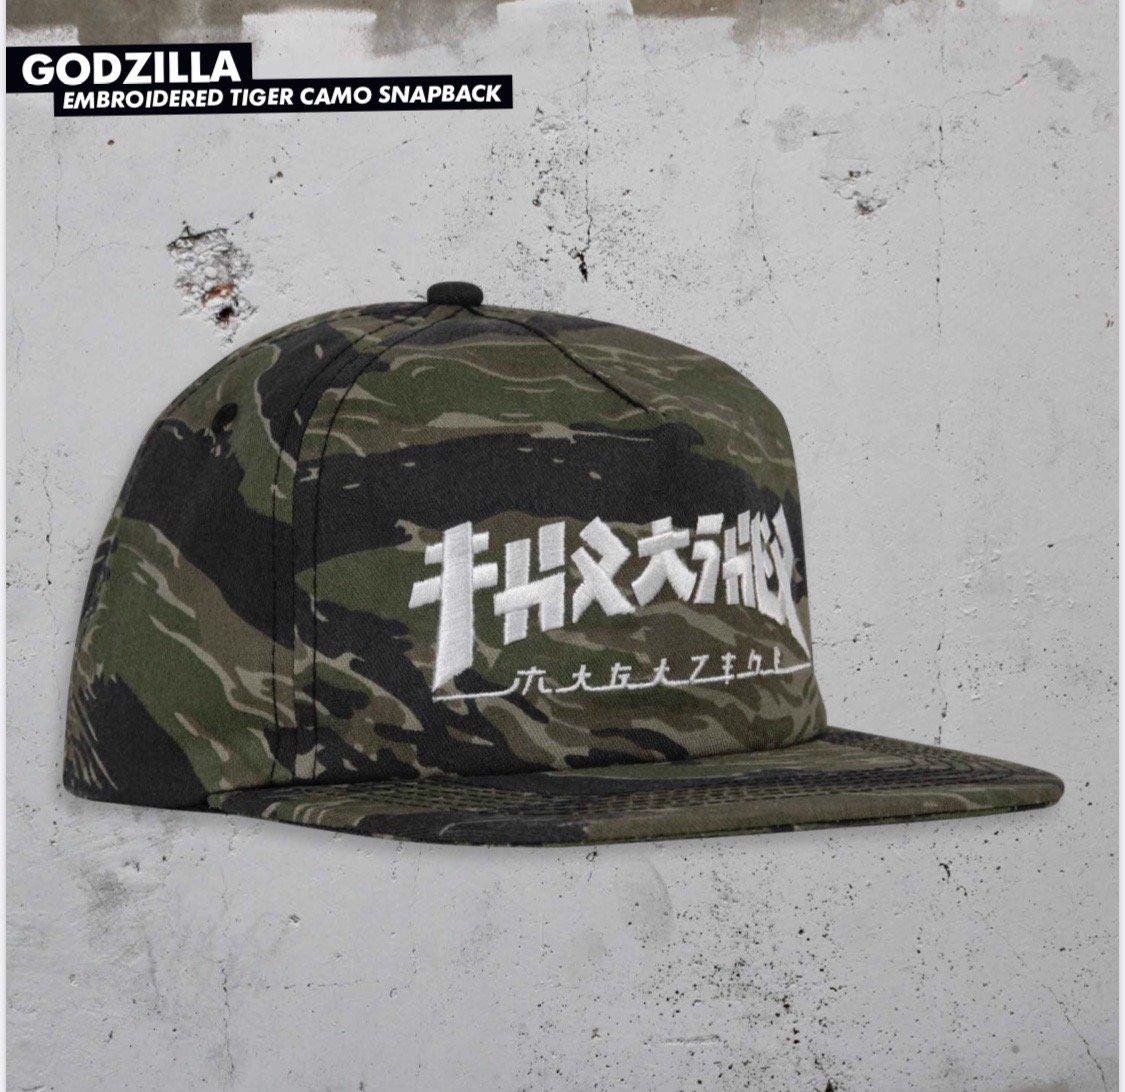 Thrasher Godzilla Snapback hat Tiger Camo